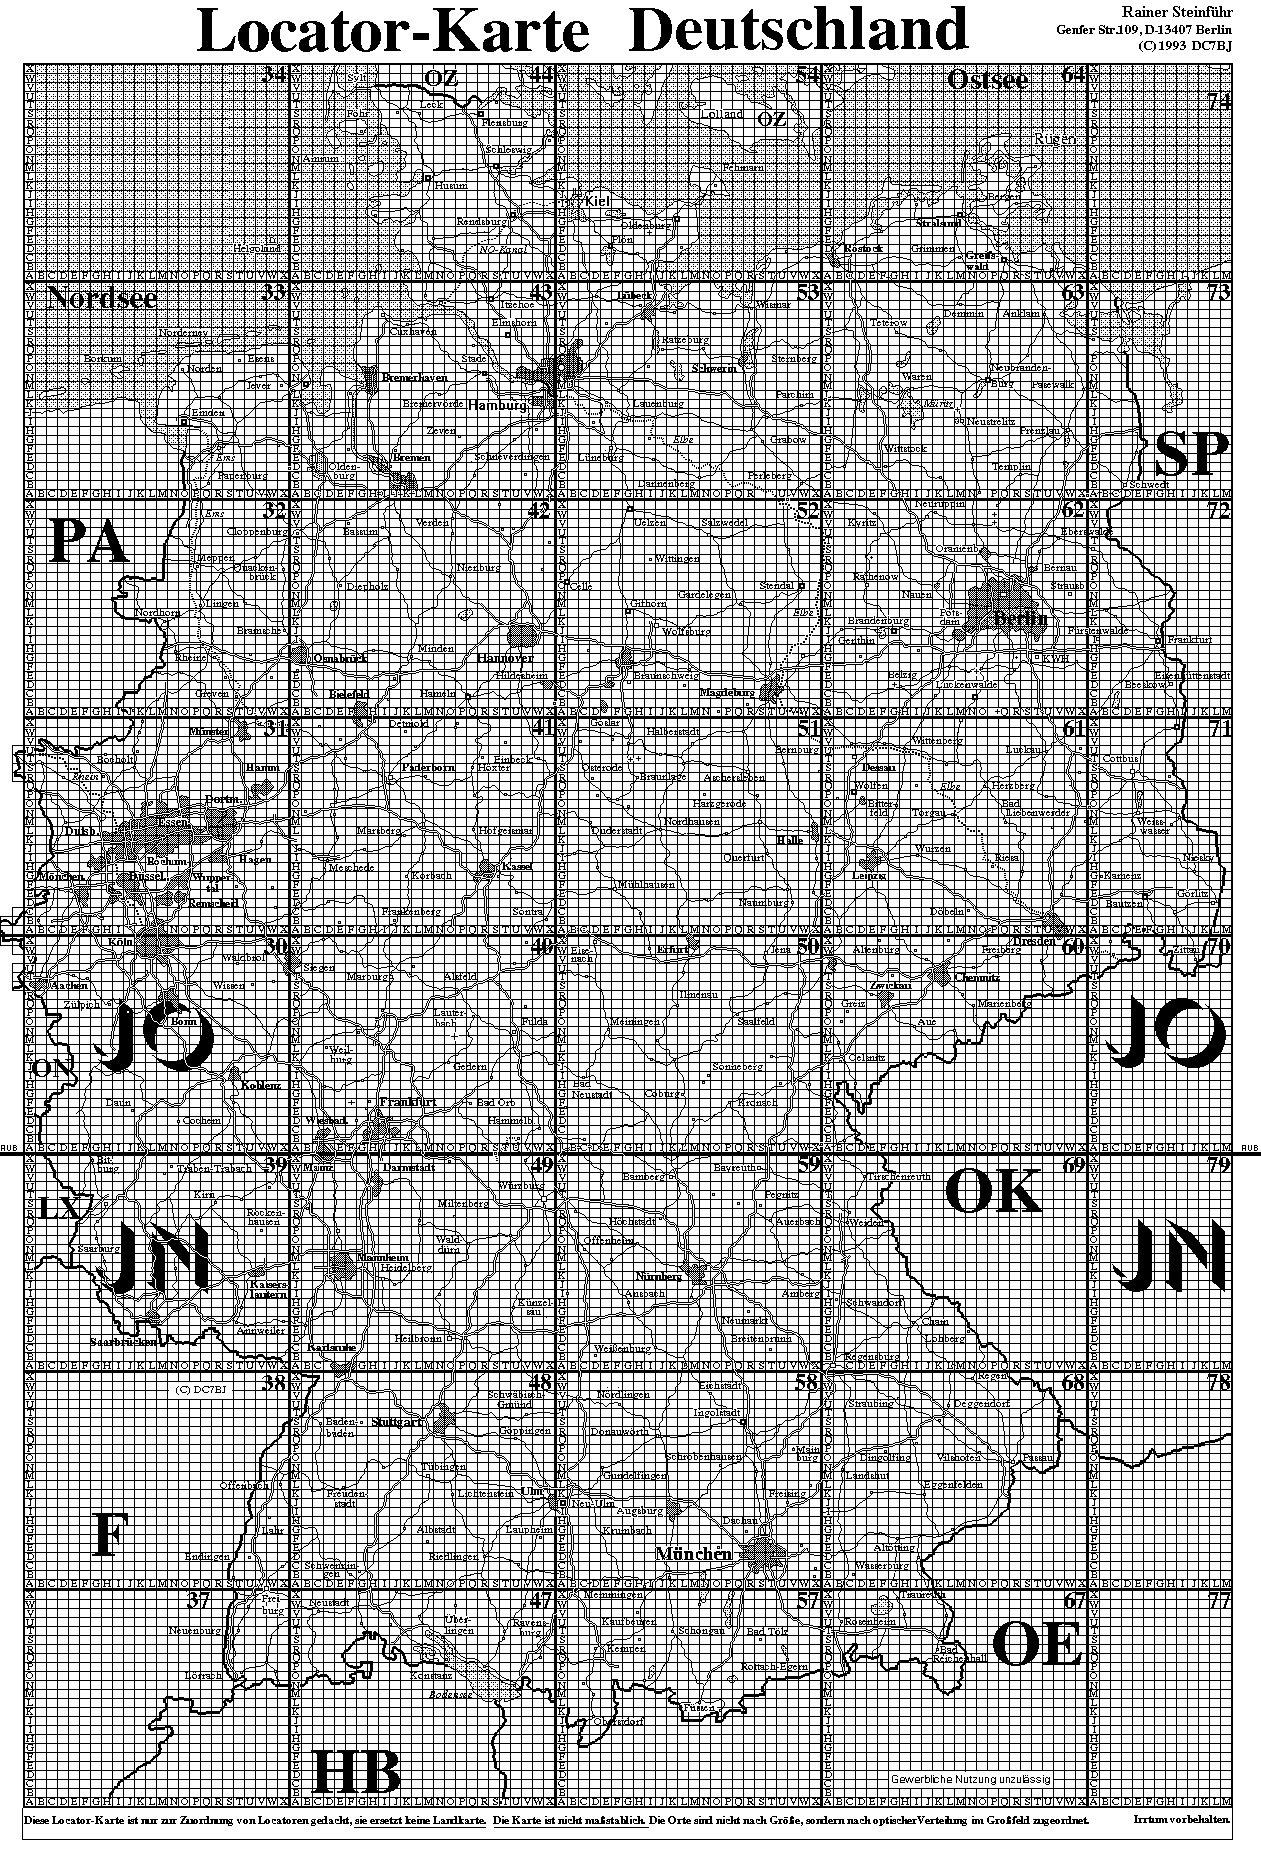 qth locator karte deutschland Anderes    DL Locator   Wumpus Welt der Radios